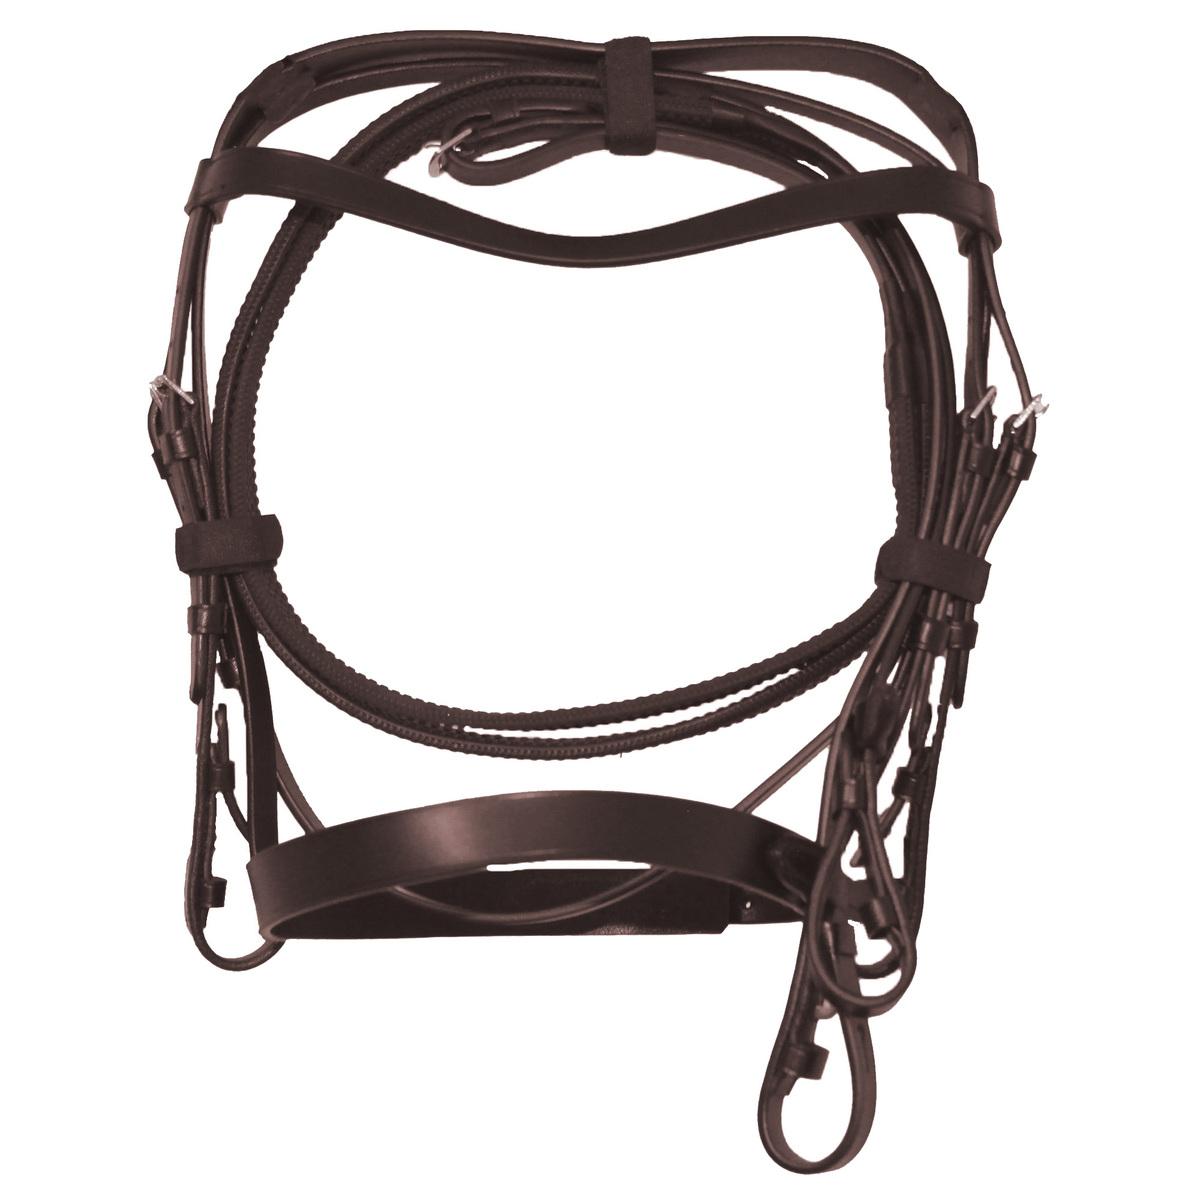 (カレッジエイト) Collegiate 馬用 レザー ハント カブソン ブライドル II 頭絡 馬具 乗馬 ホースライディング 【海外直送】